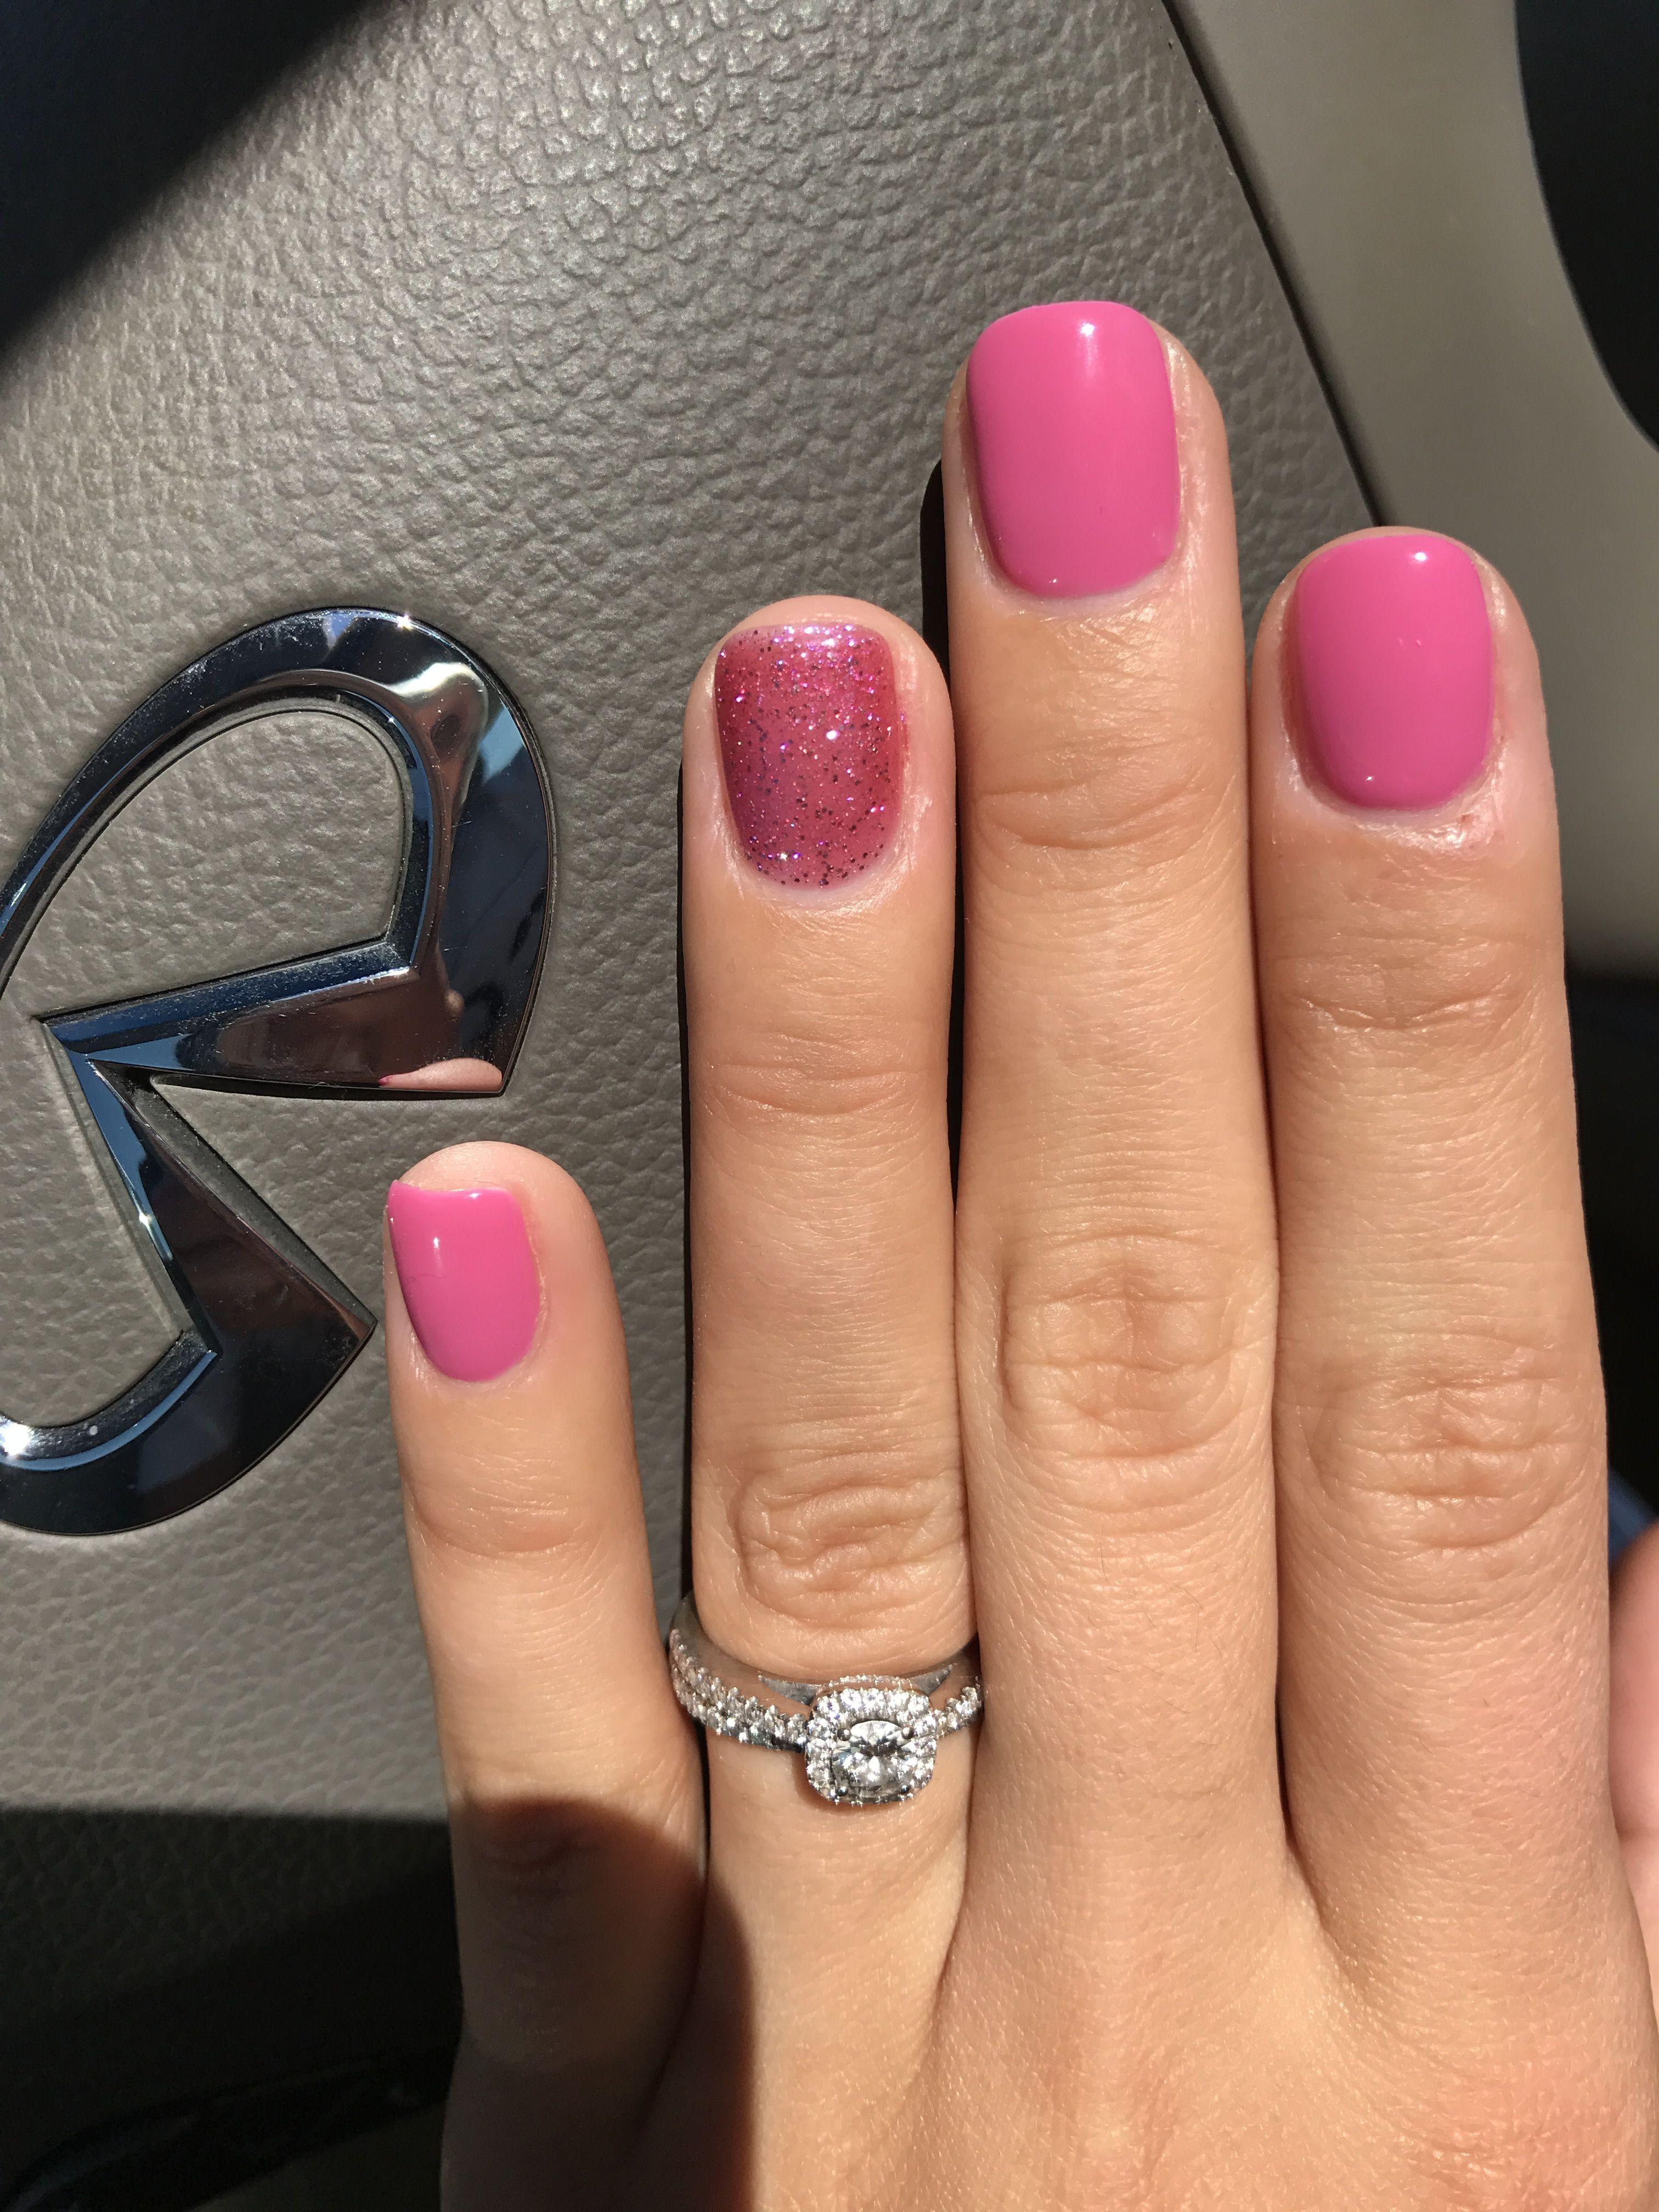 Pin By Kasandra Vazquez On Nail And More Nails Summer Nails